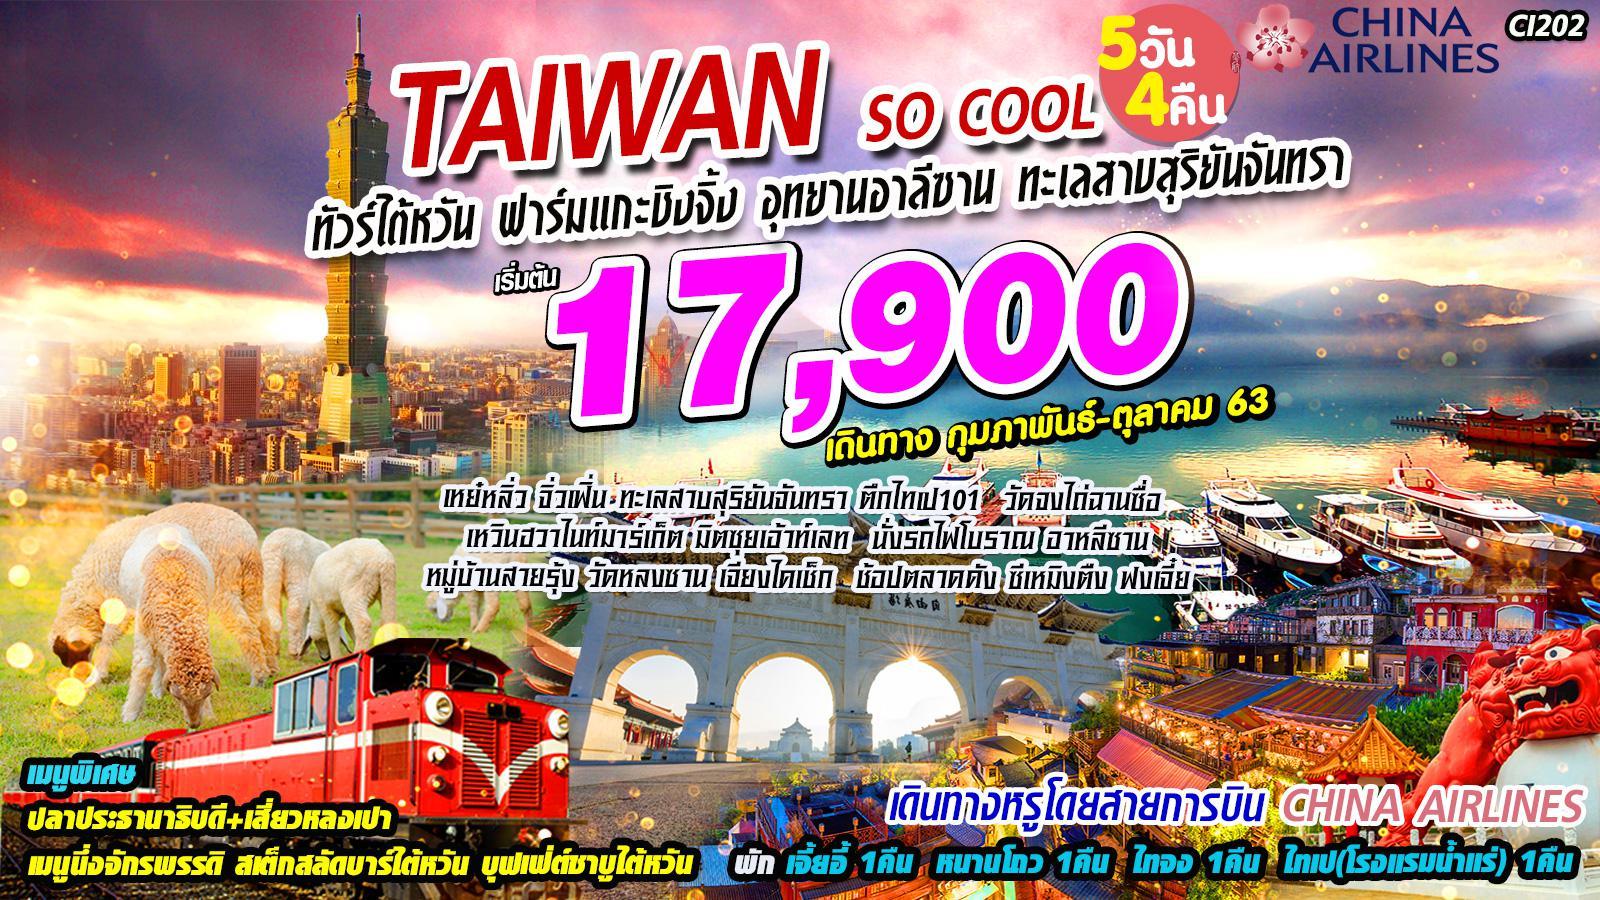 CI-202:Taiwan So Cool อาหลีซาน-ฟาร์มแกะชิงจิ้ง-เหย่หลิ่ว-จิ่วเฟิ่น-สุริยันจันทรา 5วัน4คืน